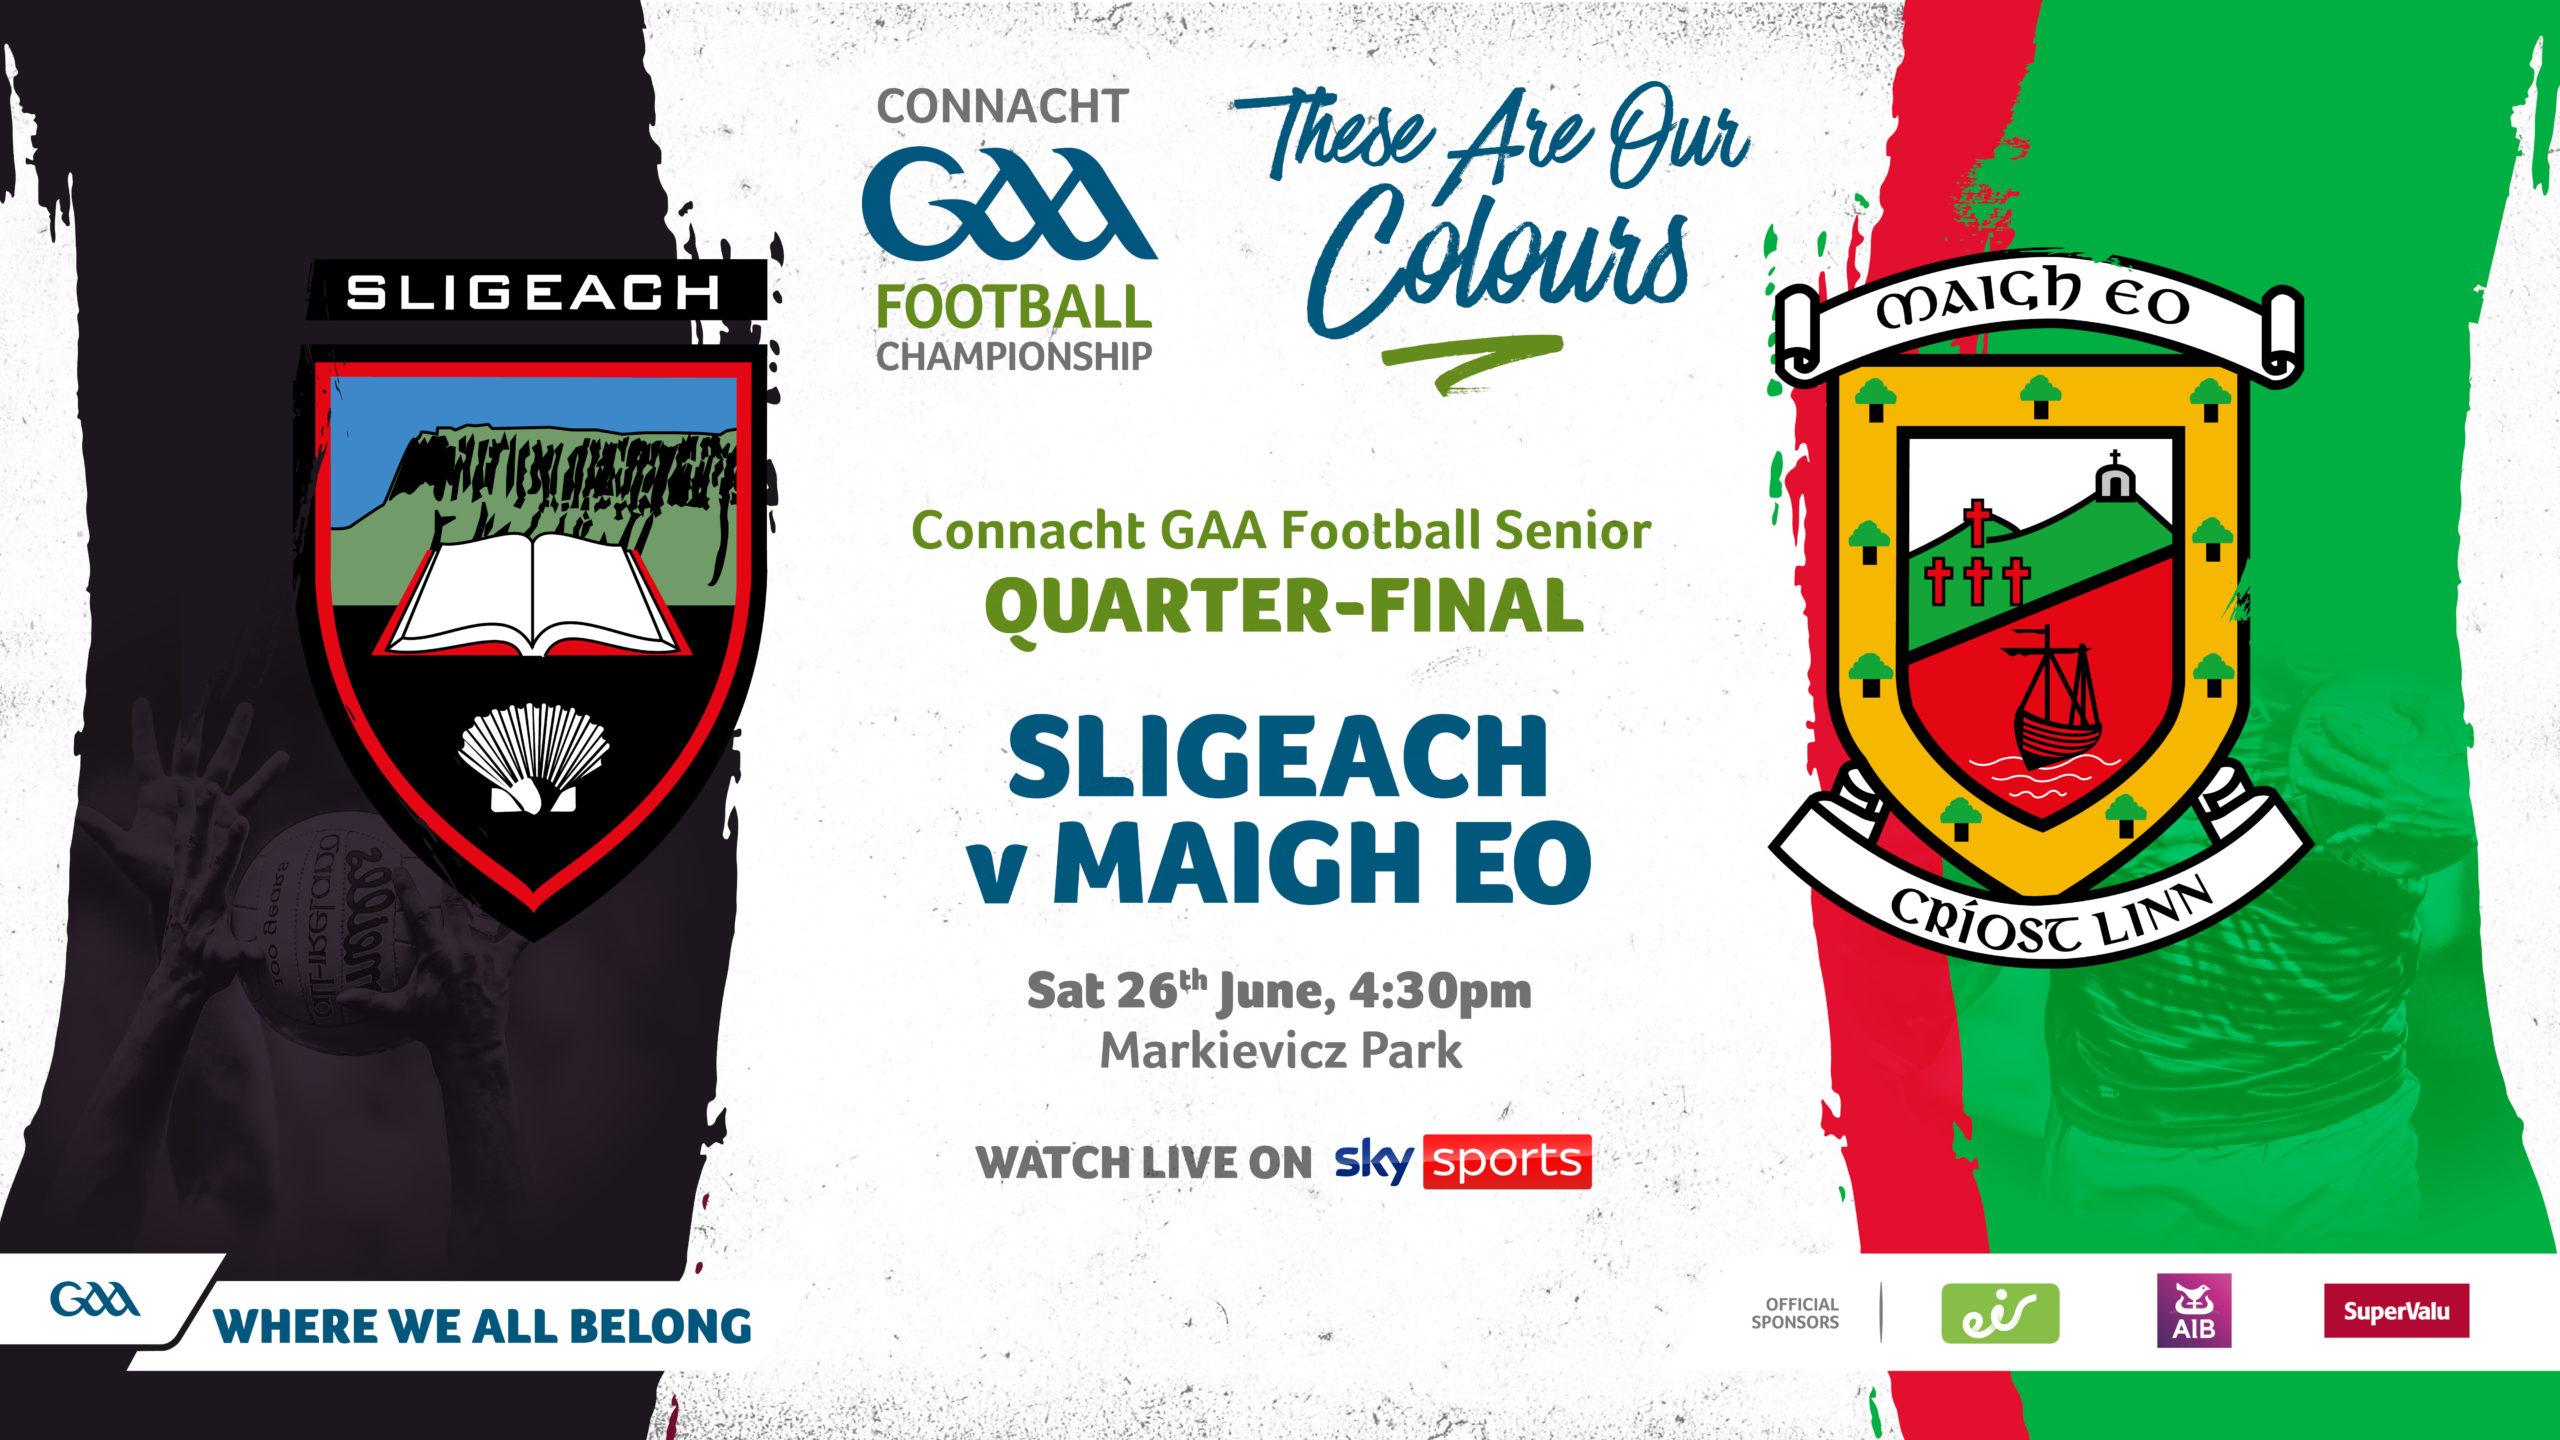 Connacht Championship 2021 Gets Underway This Weekend!